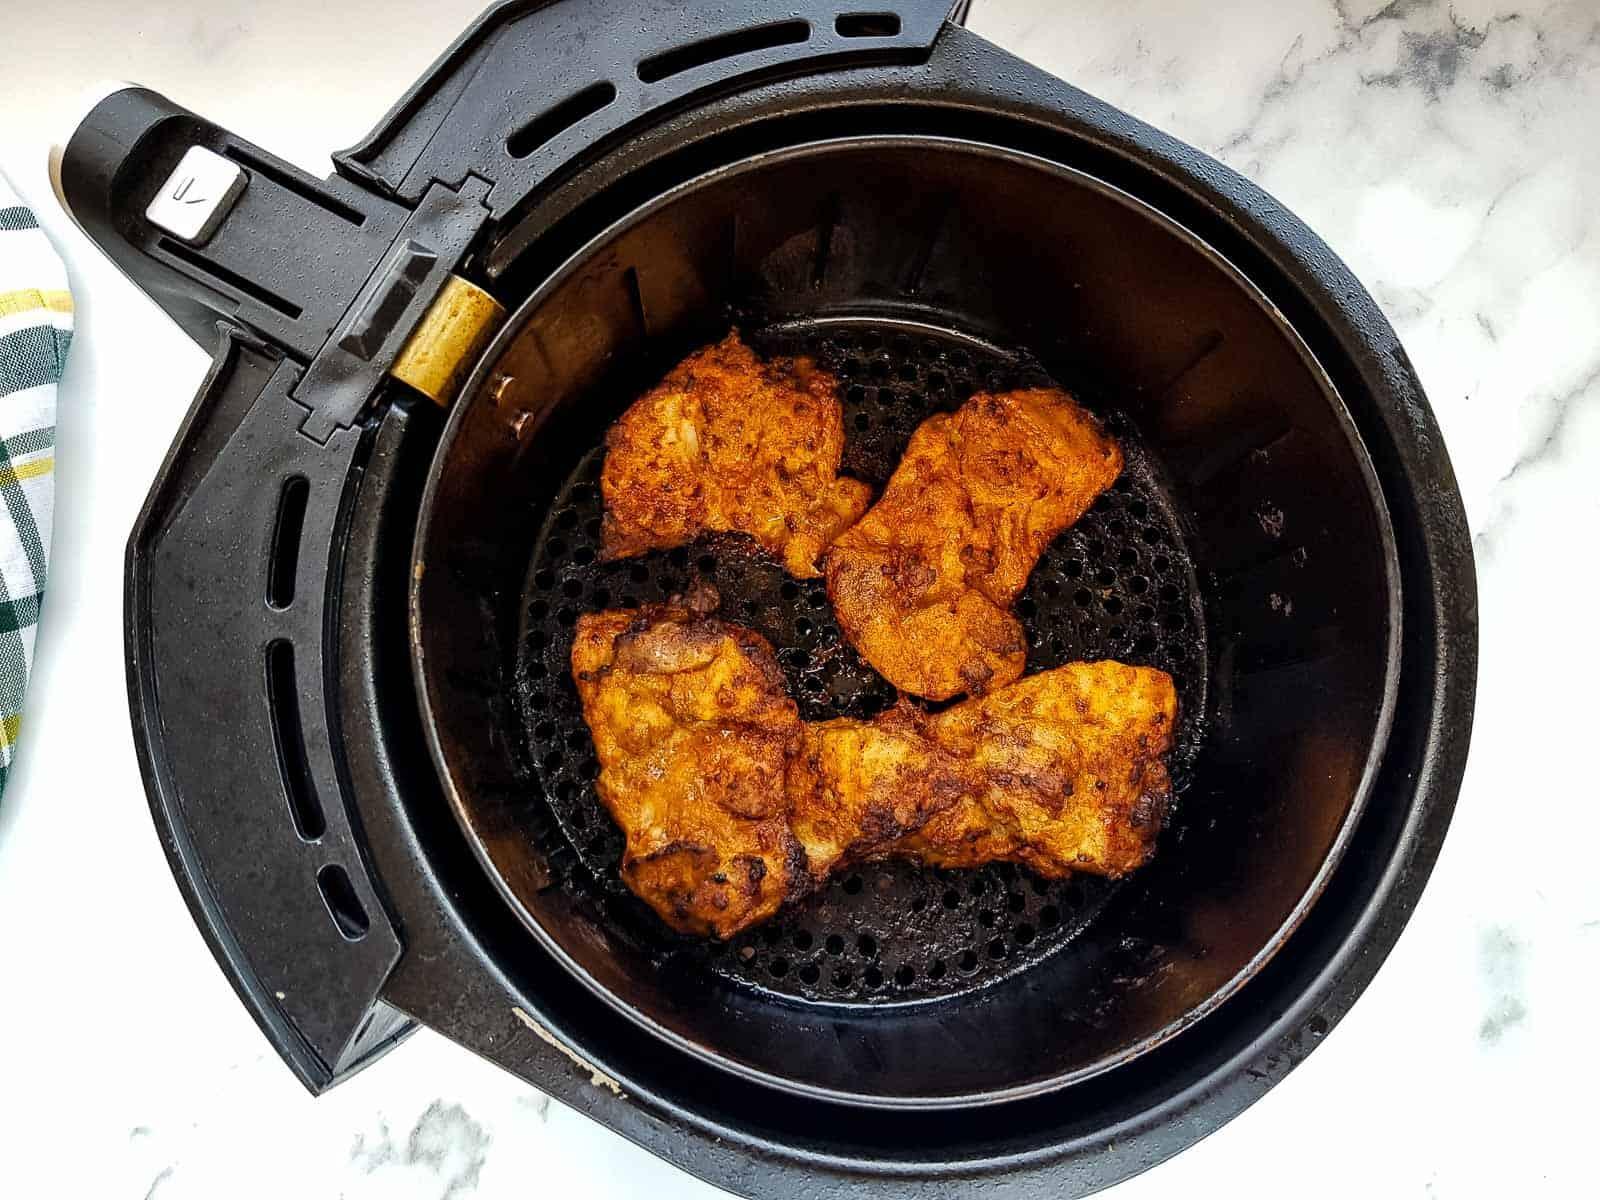 Chicken thighs in an air fryer.